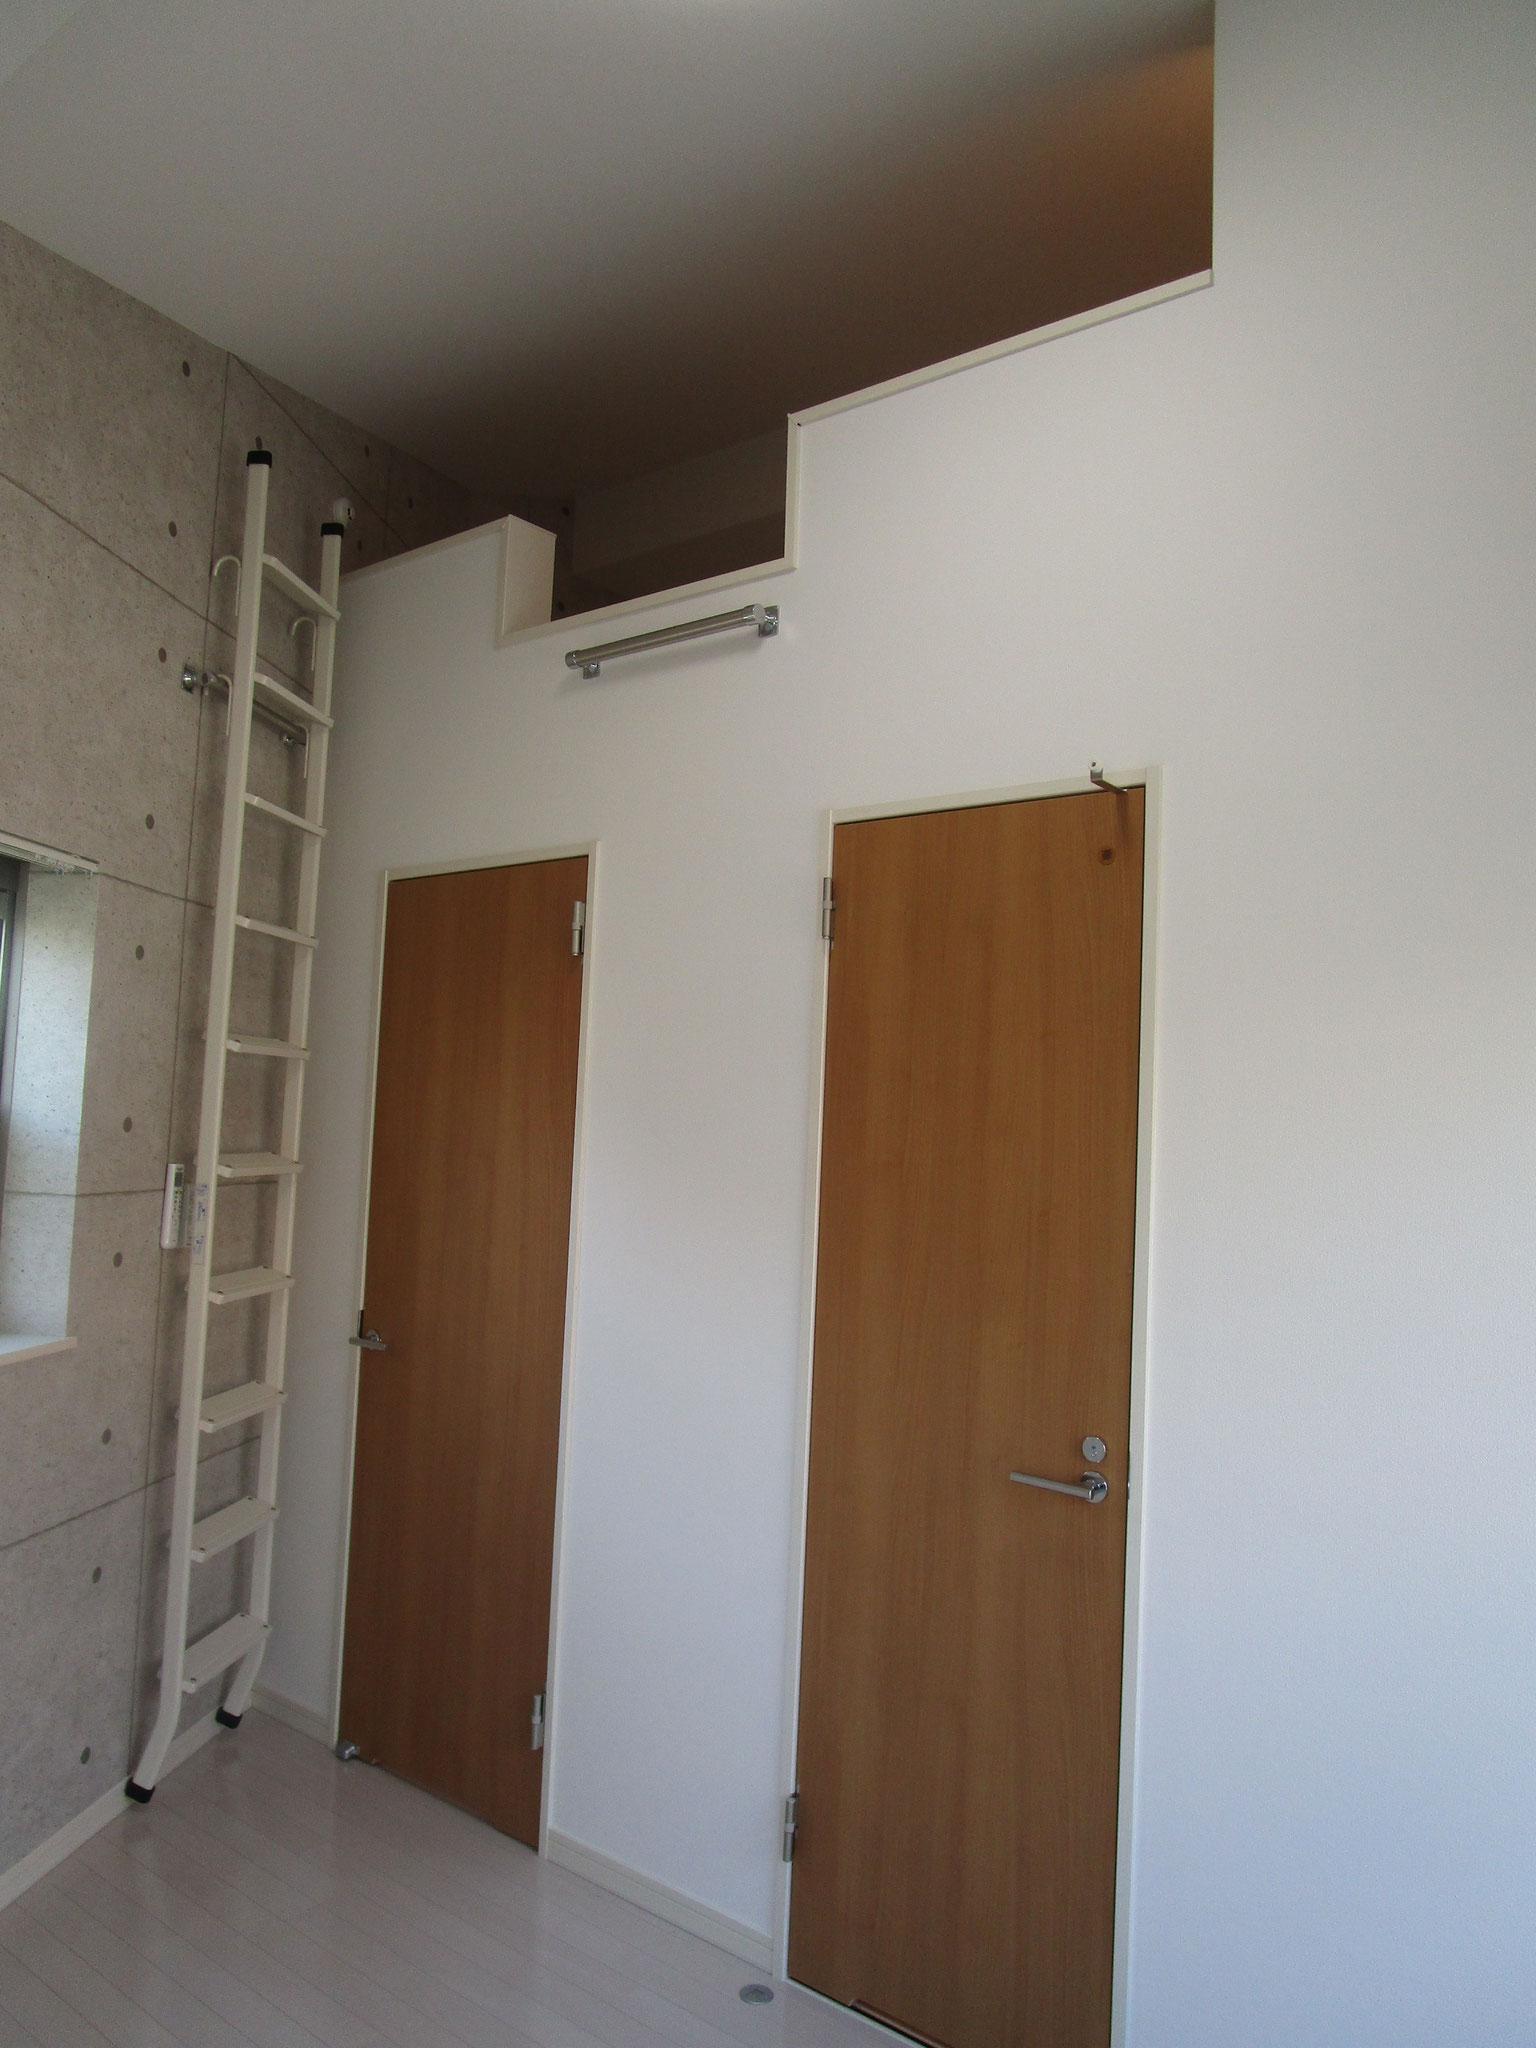 ロフトへのはしごは可動式で、これは、壁際に収納した状態